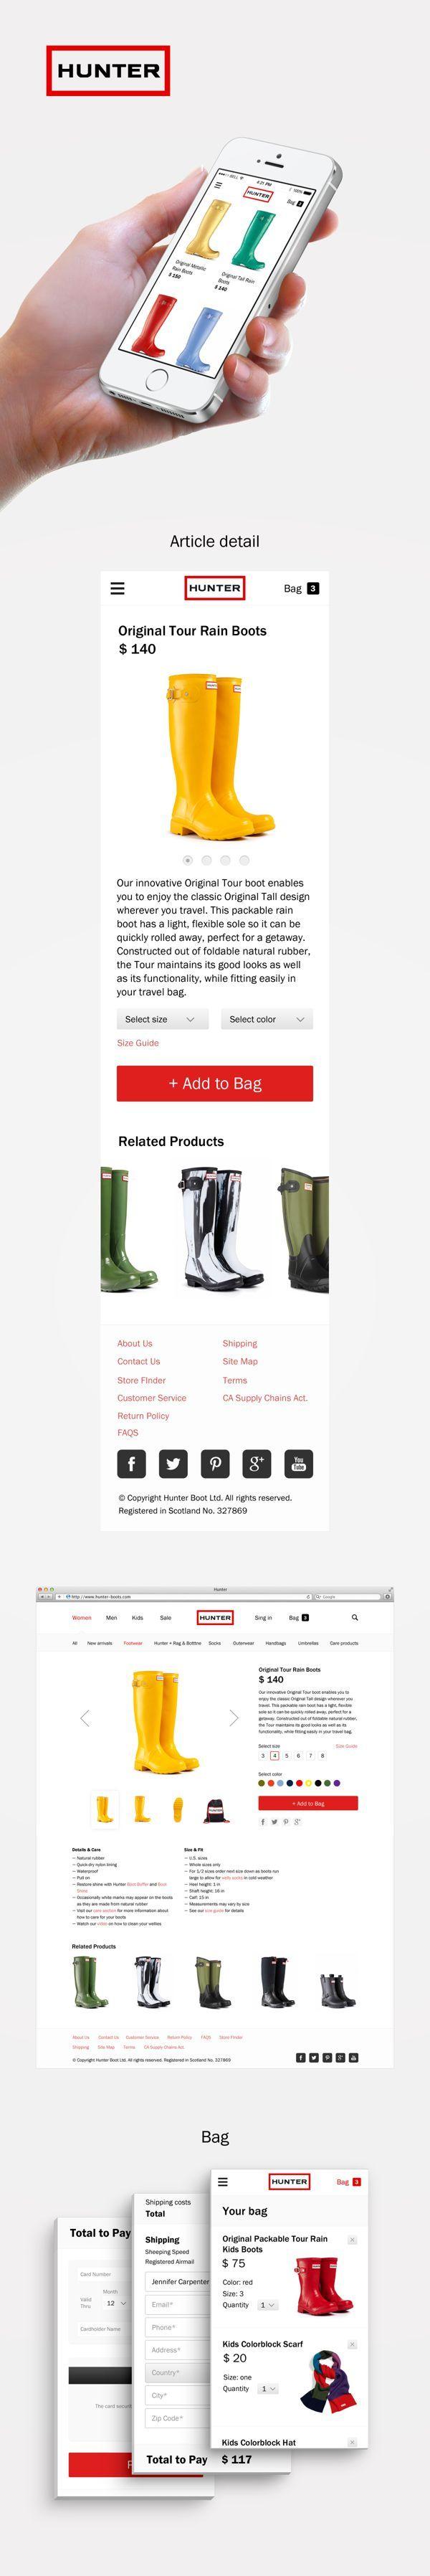 Hunter. Mobile site concept | Design: Digital | Pinterest